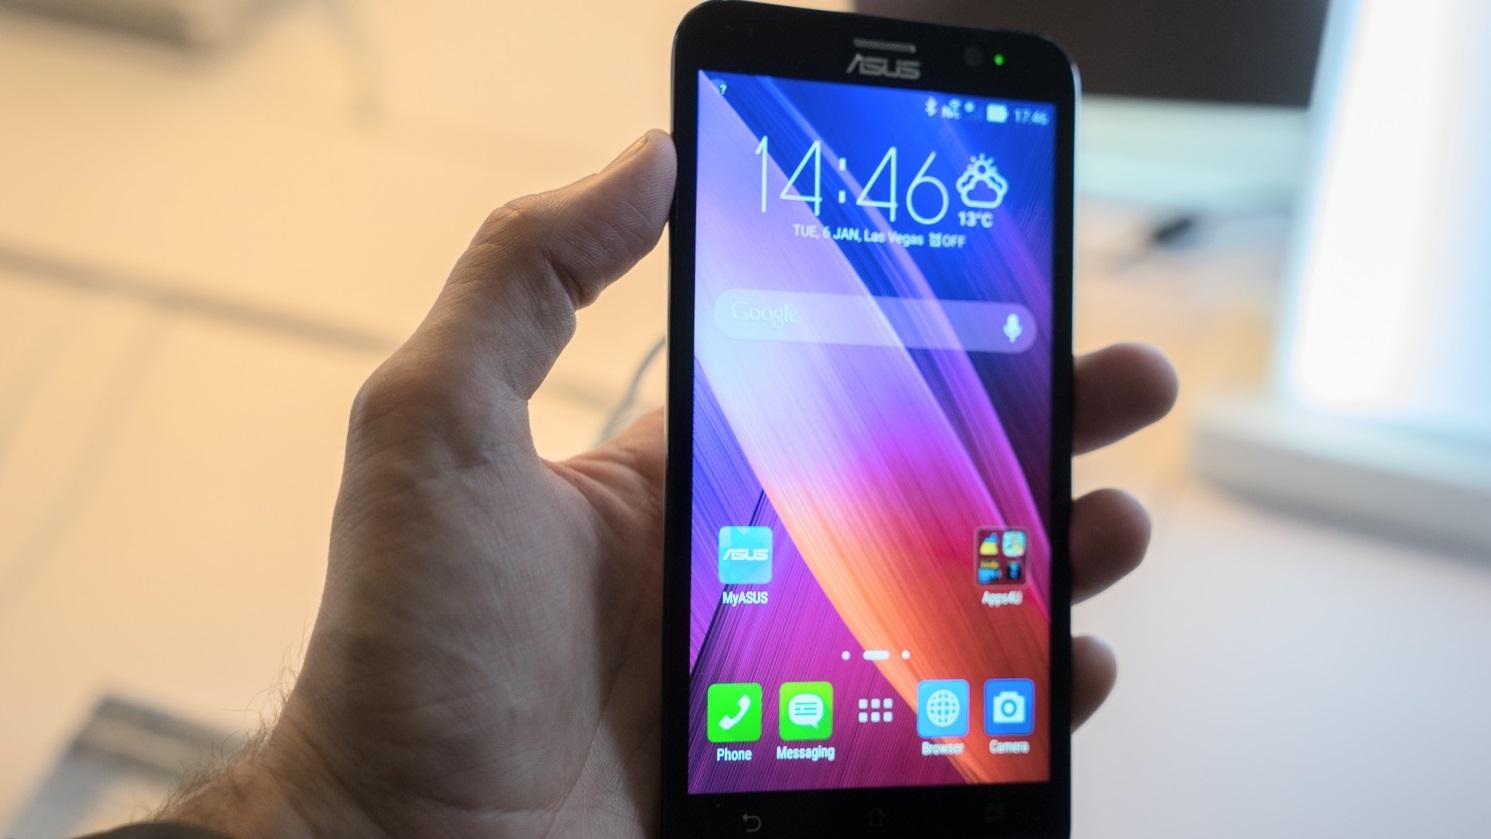 Asus Zenfone 2: a Asus começou a vender smartphones no Brasil em 2014, inicialmente focada em modelos de entrada. Com o Zenfone 2, foi diferente: ele é um pequeno monstro com 4GB de RAM e um preço bastante competitivo.